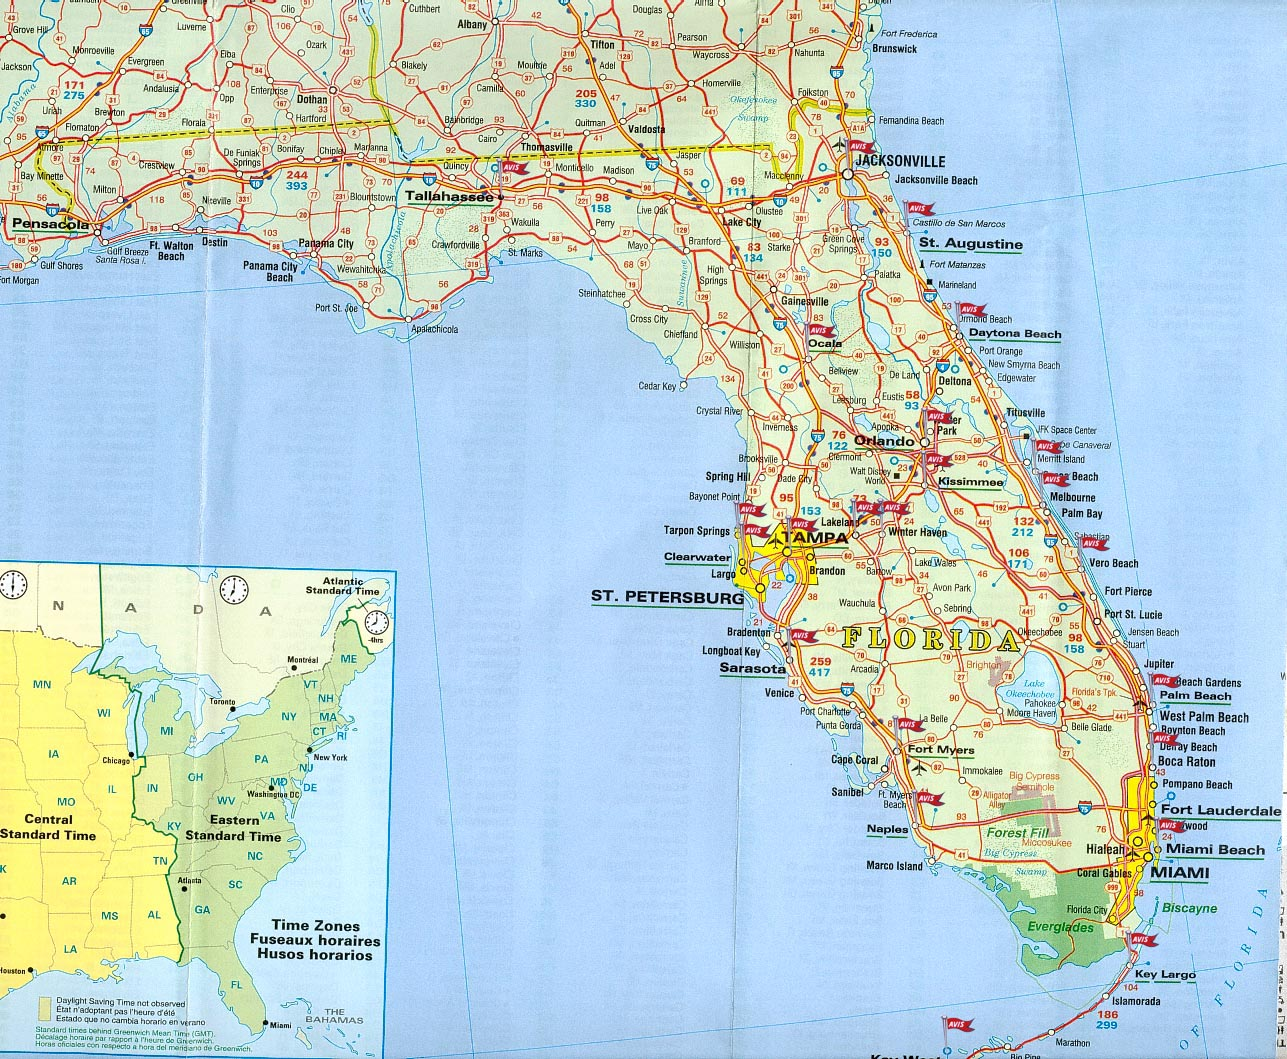 mapa de florida estados unidos de norteamerica